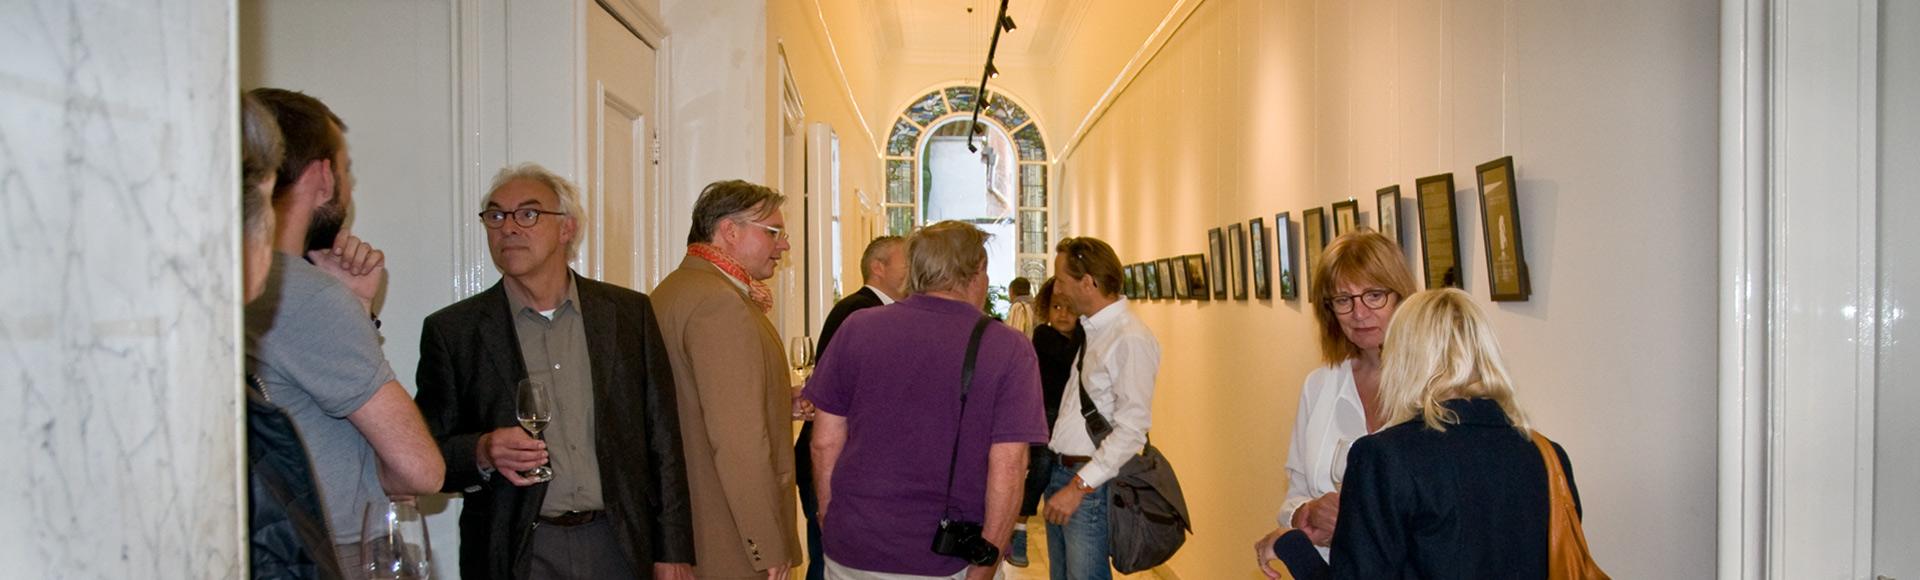 Foto-expositie bij Galerie Van de Leur